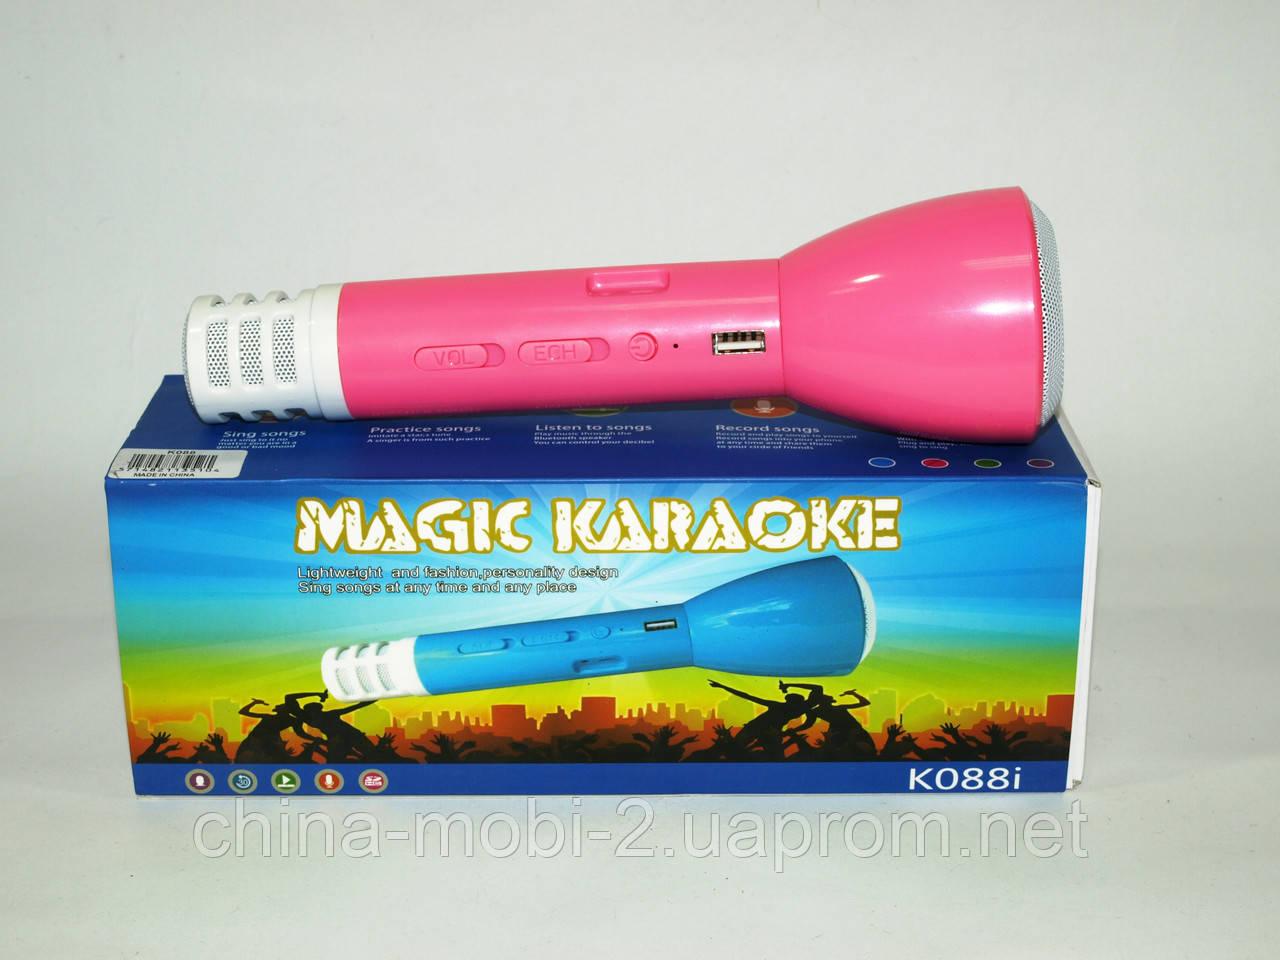 Микрофон с Караоке Magic Karaoke K088i, Pink